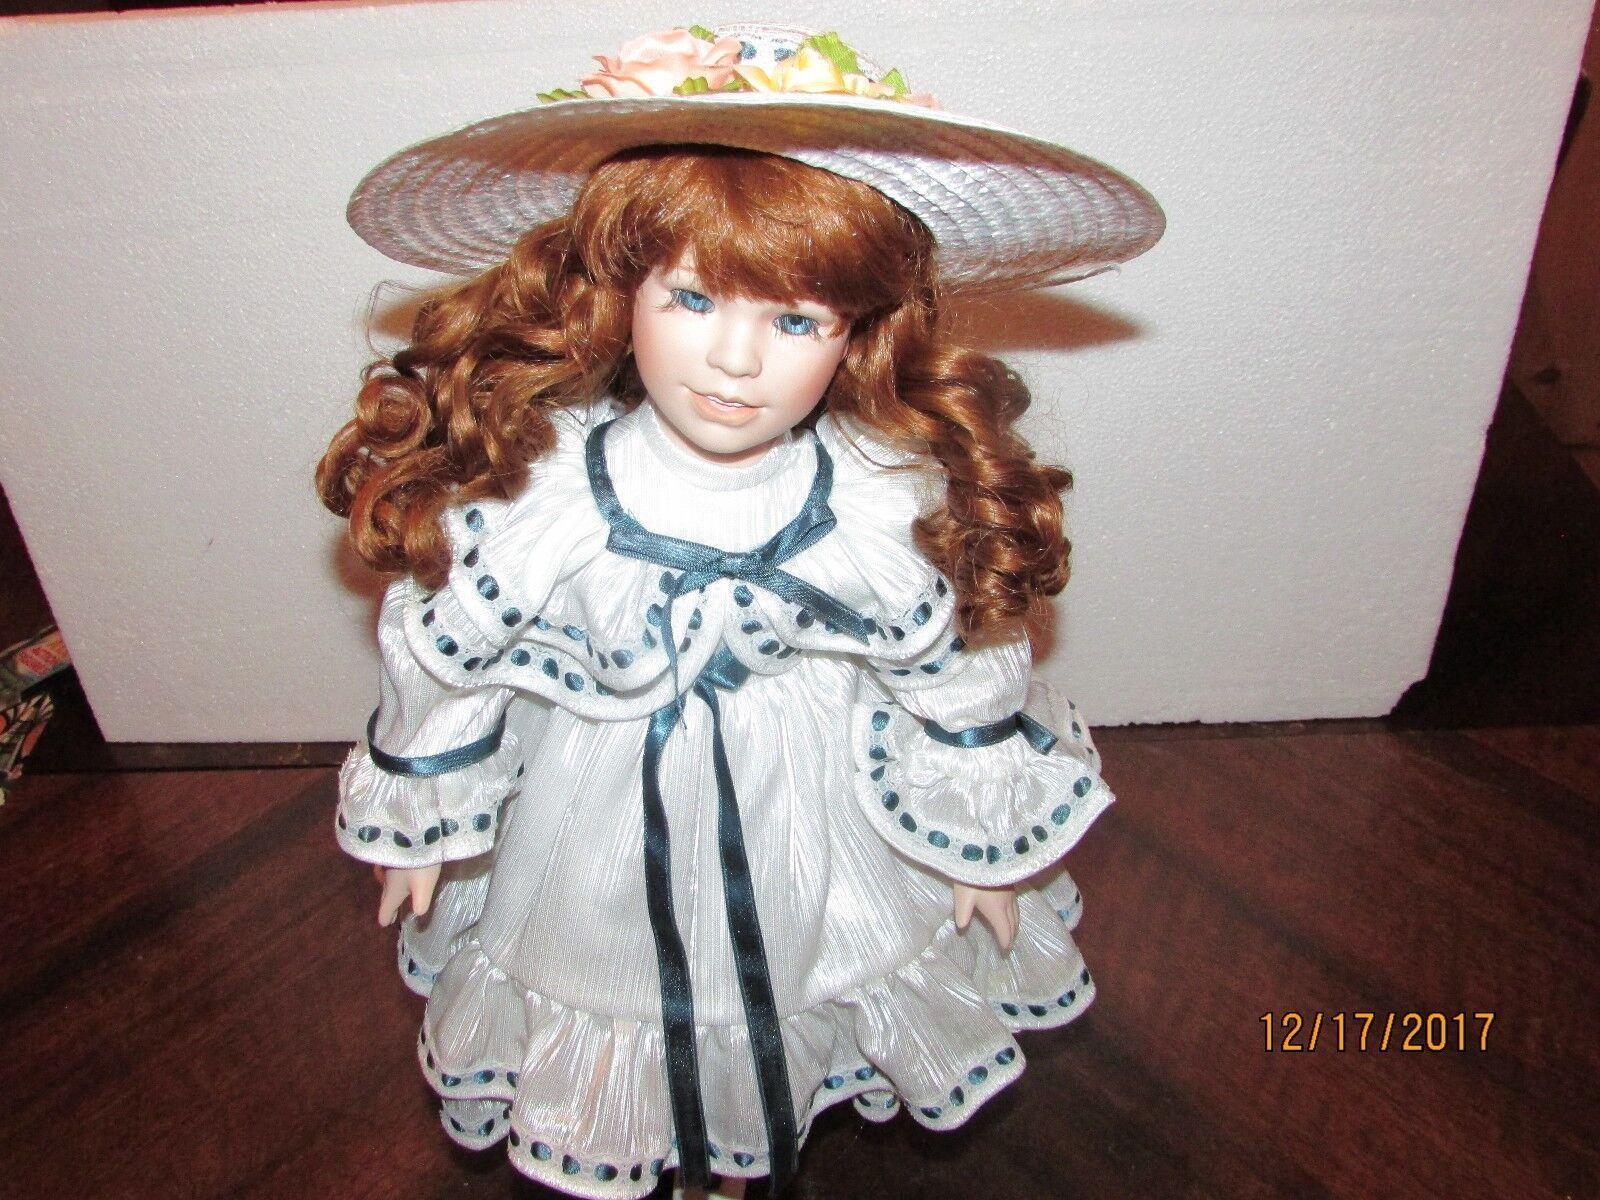 Royal Albert Dynasty  Corinne ,NIB,porcelain  bambola,gratuito shipping.  benvenuto a comprare